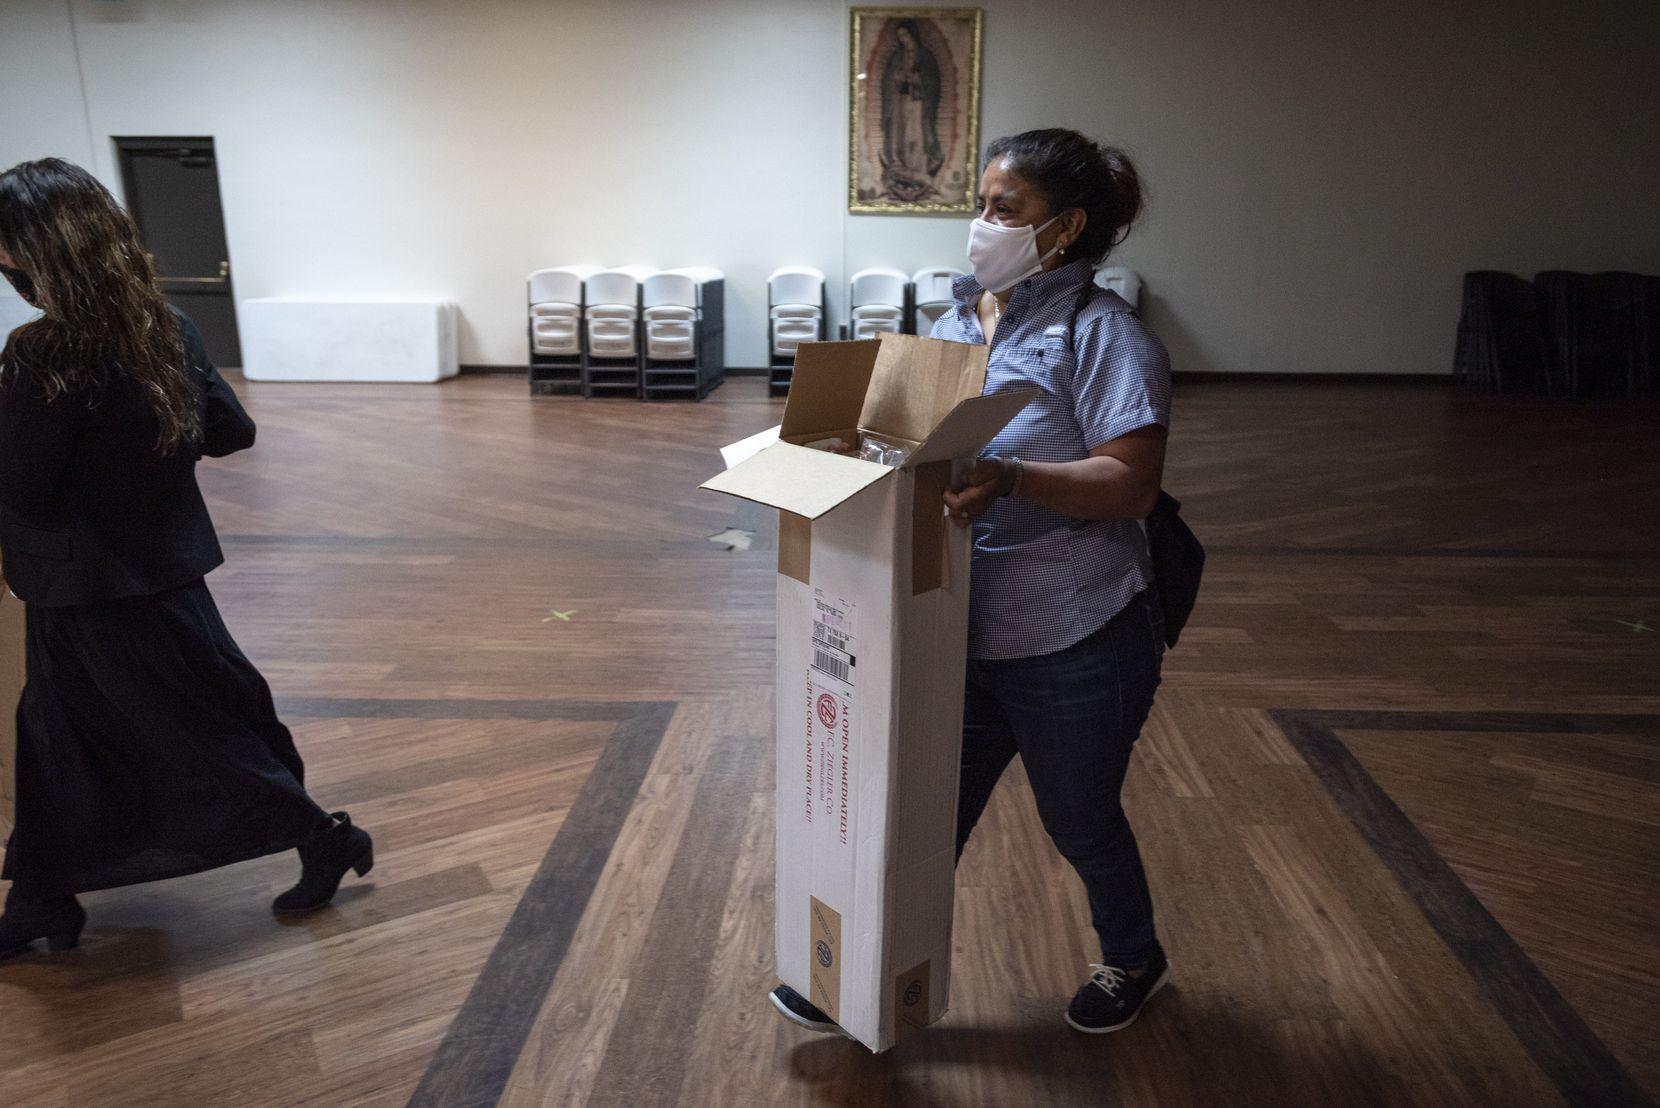 Voluntarios de la iglesia San Juan Diego como Raquel Zárate (izq.) y Ángeles Acevedo llevan los paquetes con ramos de palma que son conservados a temperaturas bajas previo al Domingo de Ramos.